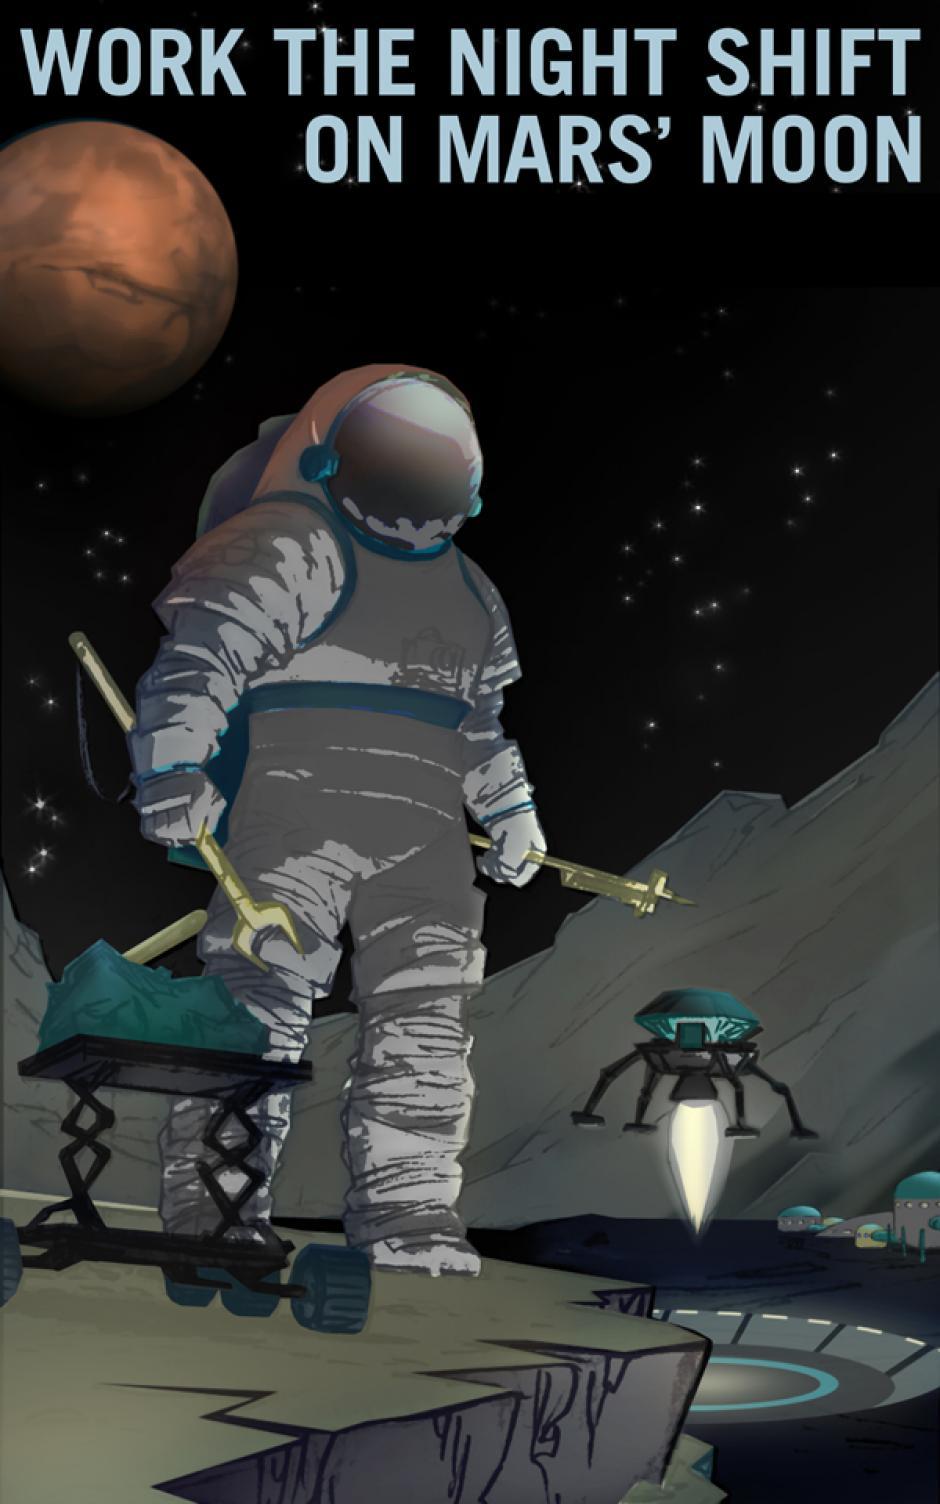 """""""Trabaja el turno nocturno en Marte"""" (Foto: NASA)"""